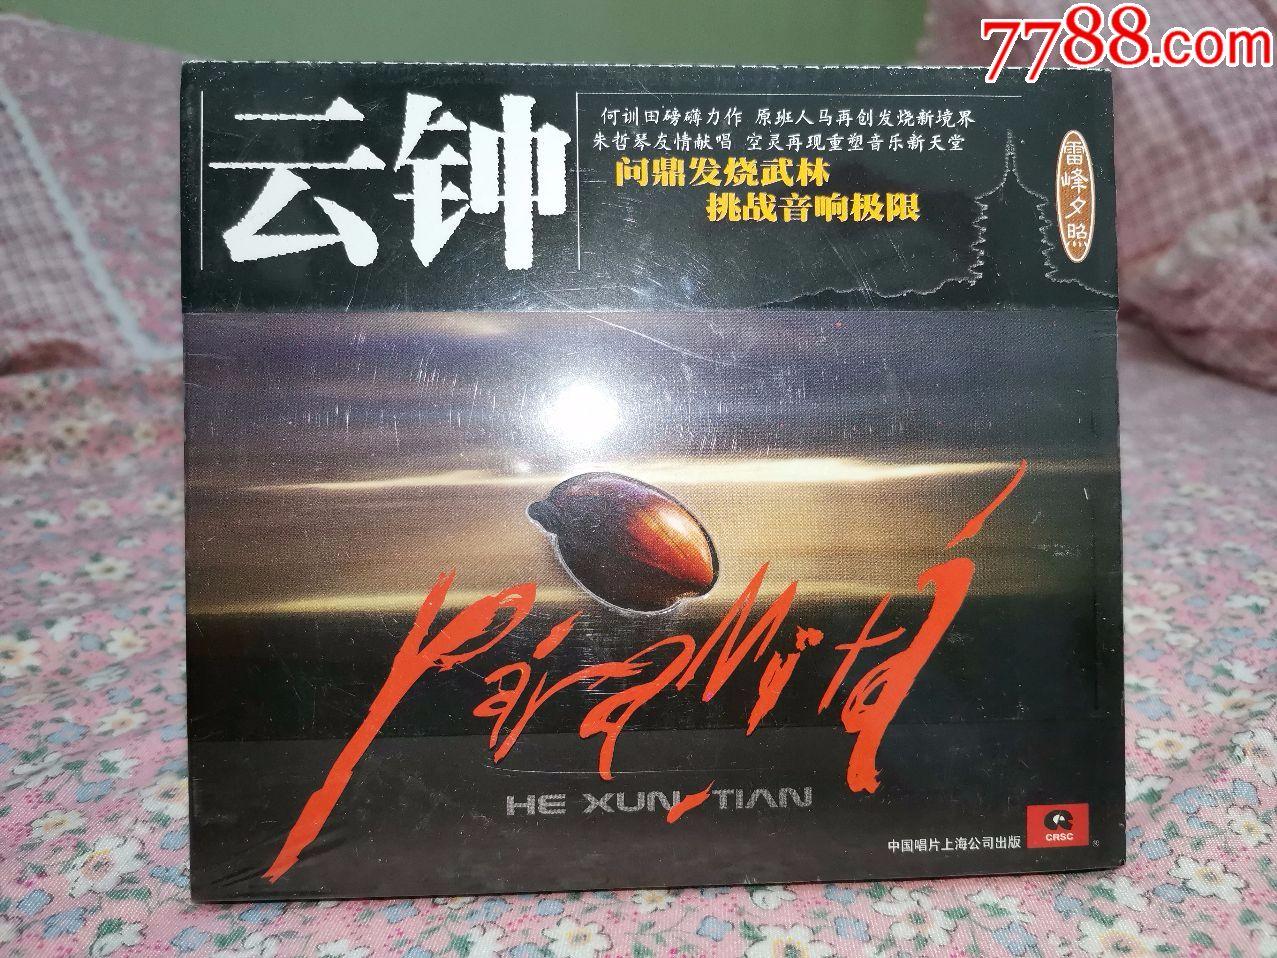 [CD]何训田,朱哲琴-《波罗密多》云钟,风潮/上海中唱正版不拆(au19670421)_